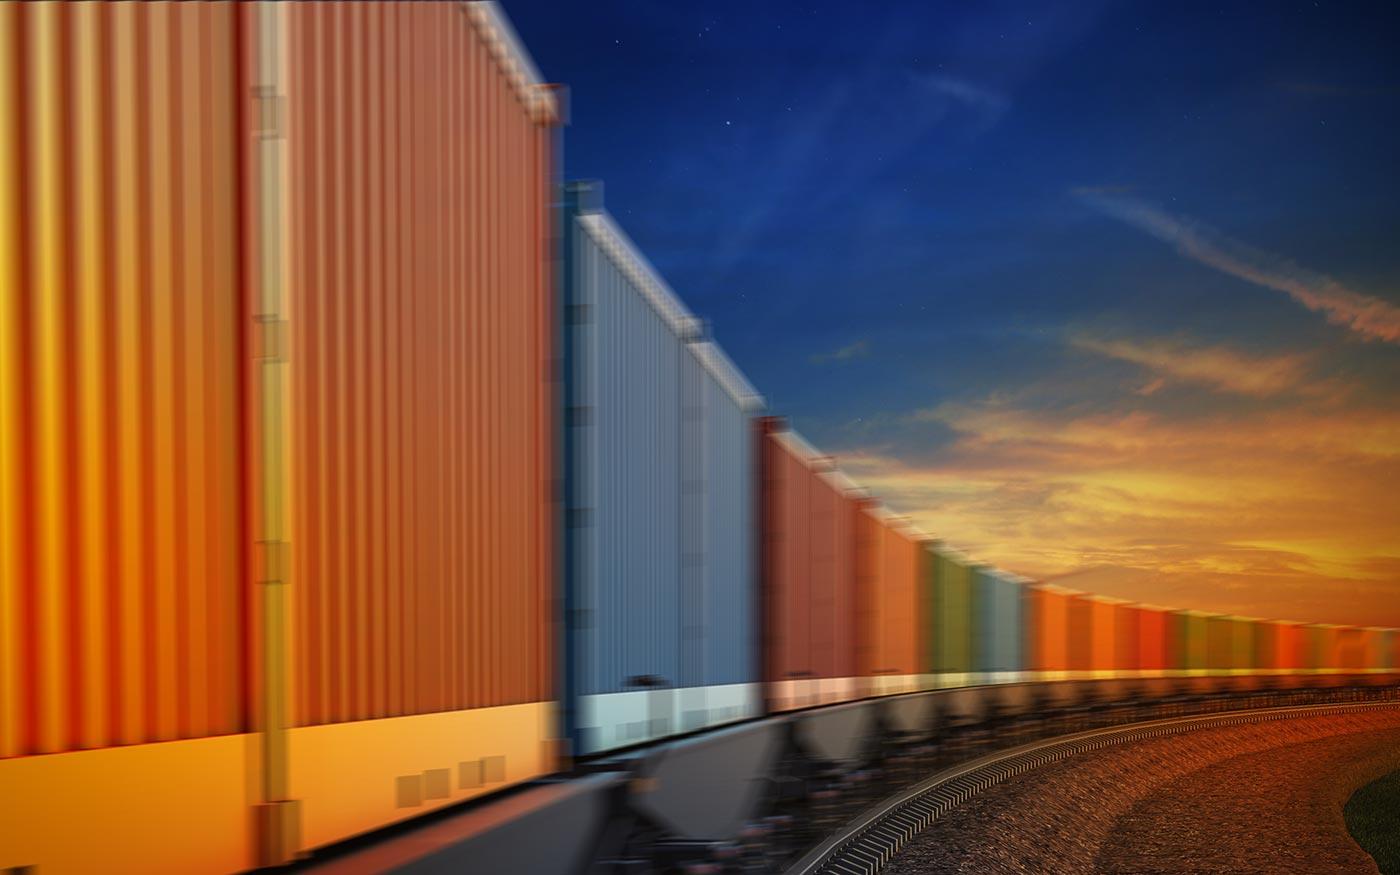 Kiemelt minősítést kapott a Budapest-Belgrád vasútfejlesztési projekt